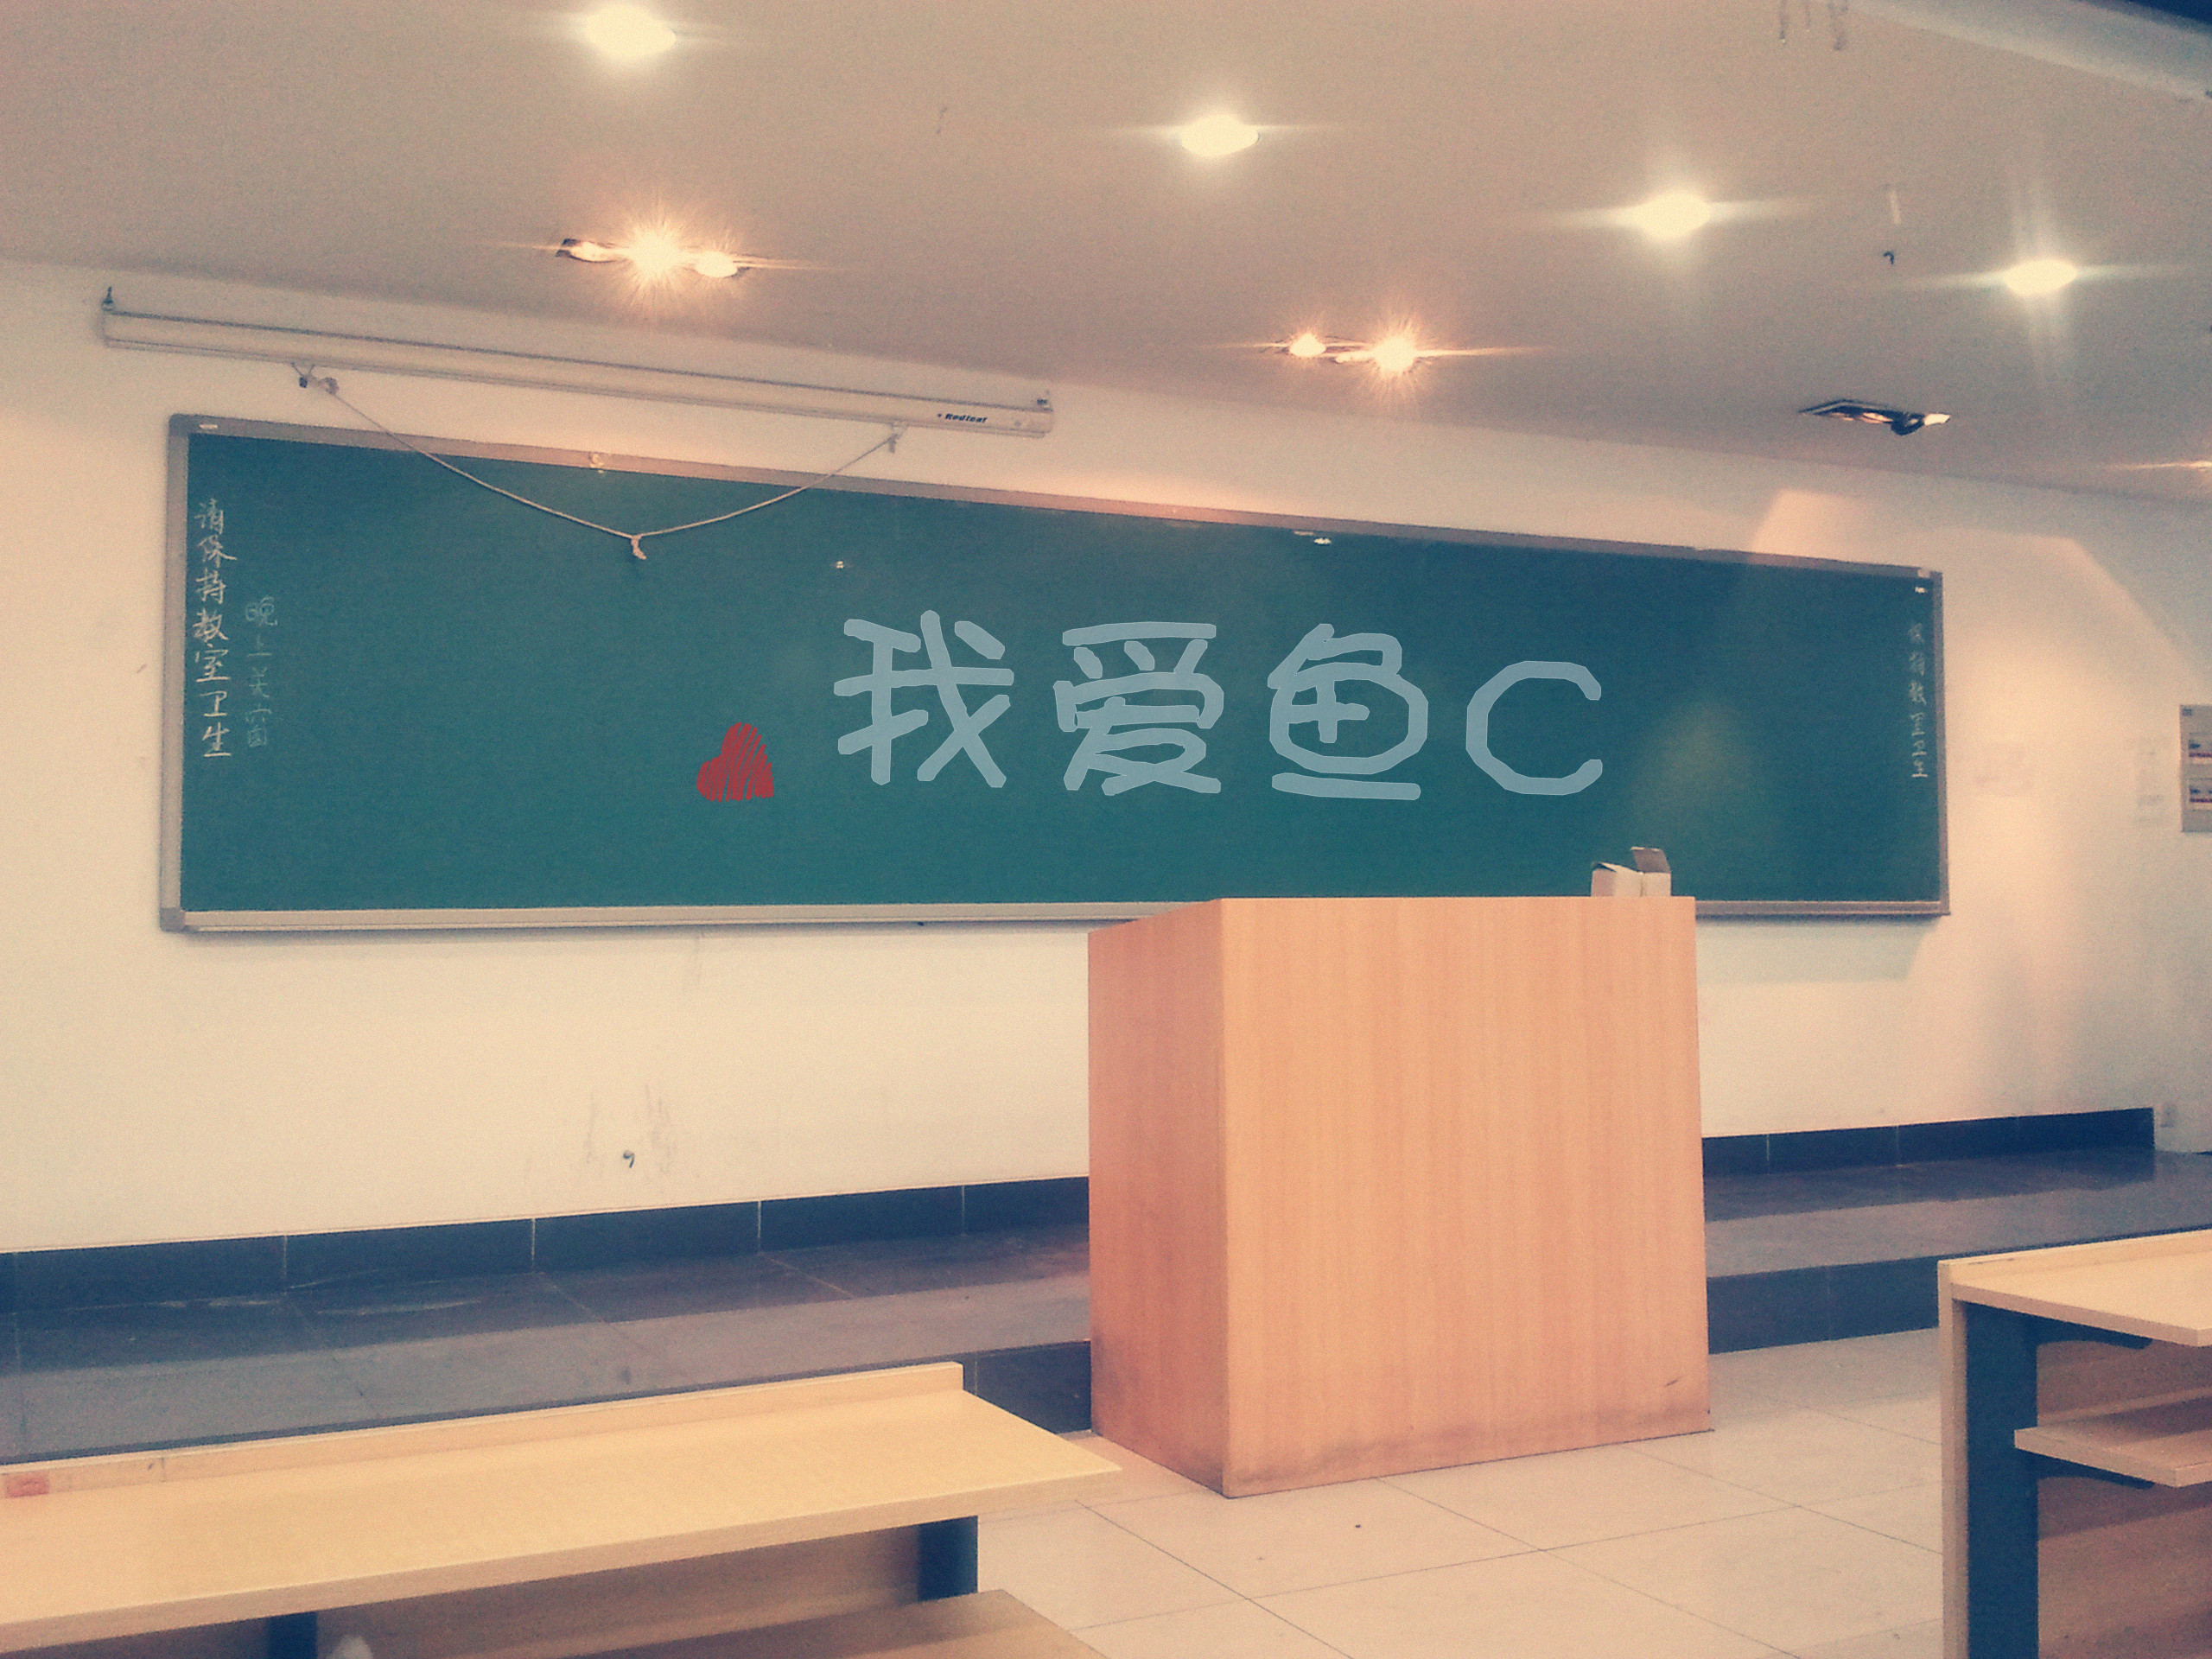 2012-06-04 09.41.53_副本_副本.jpg